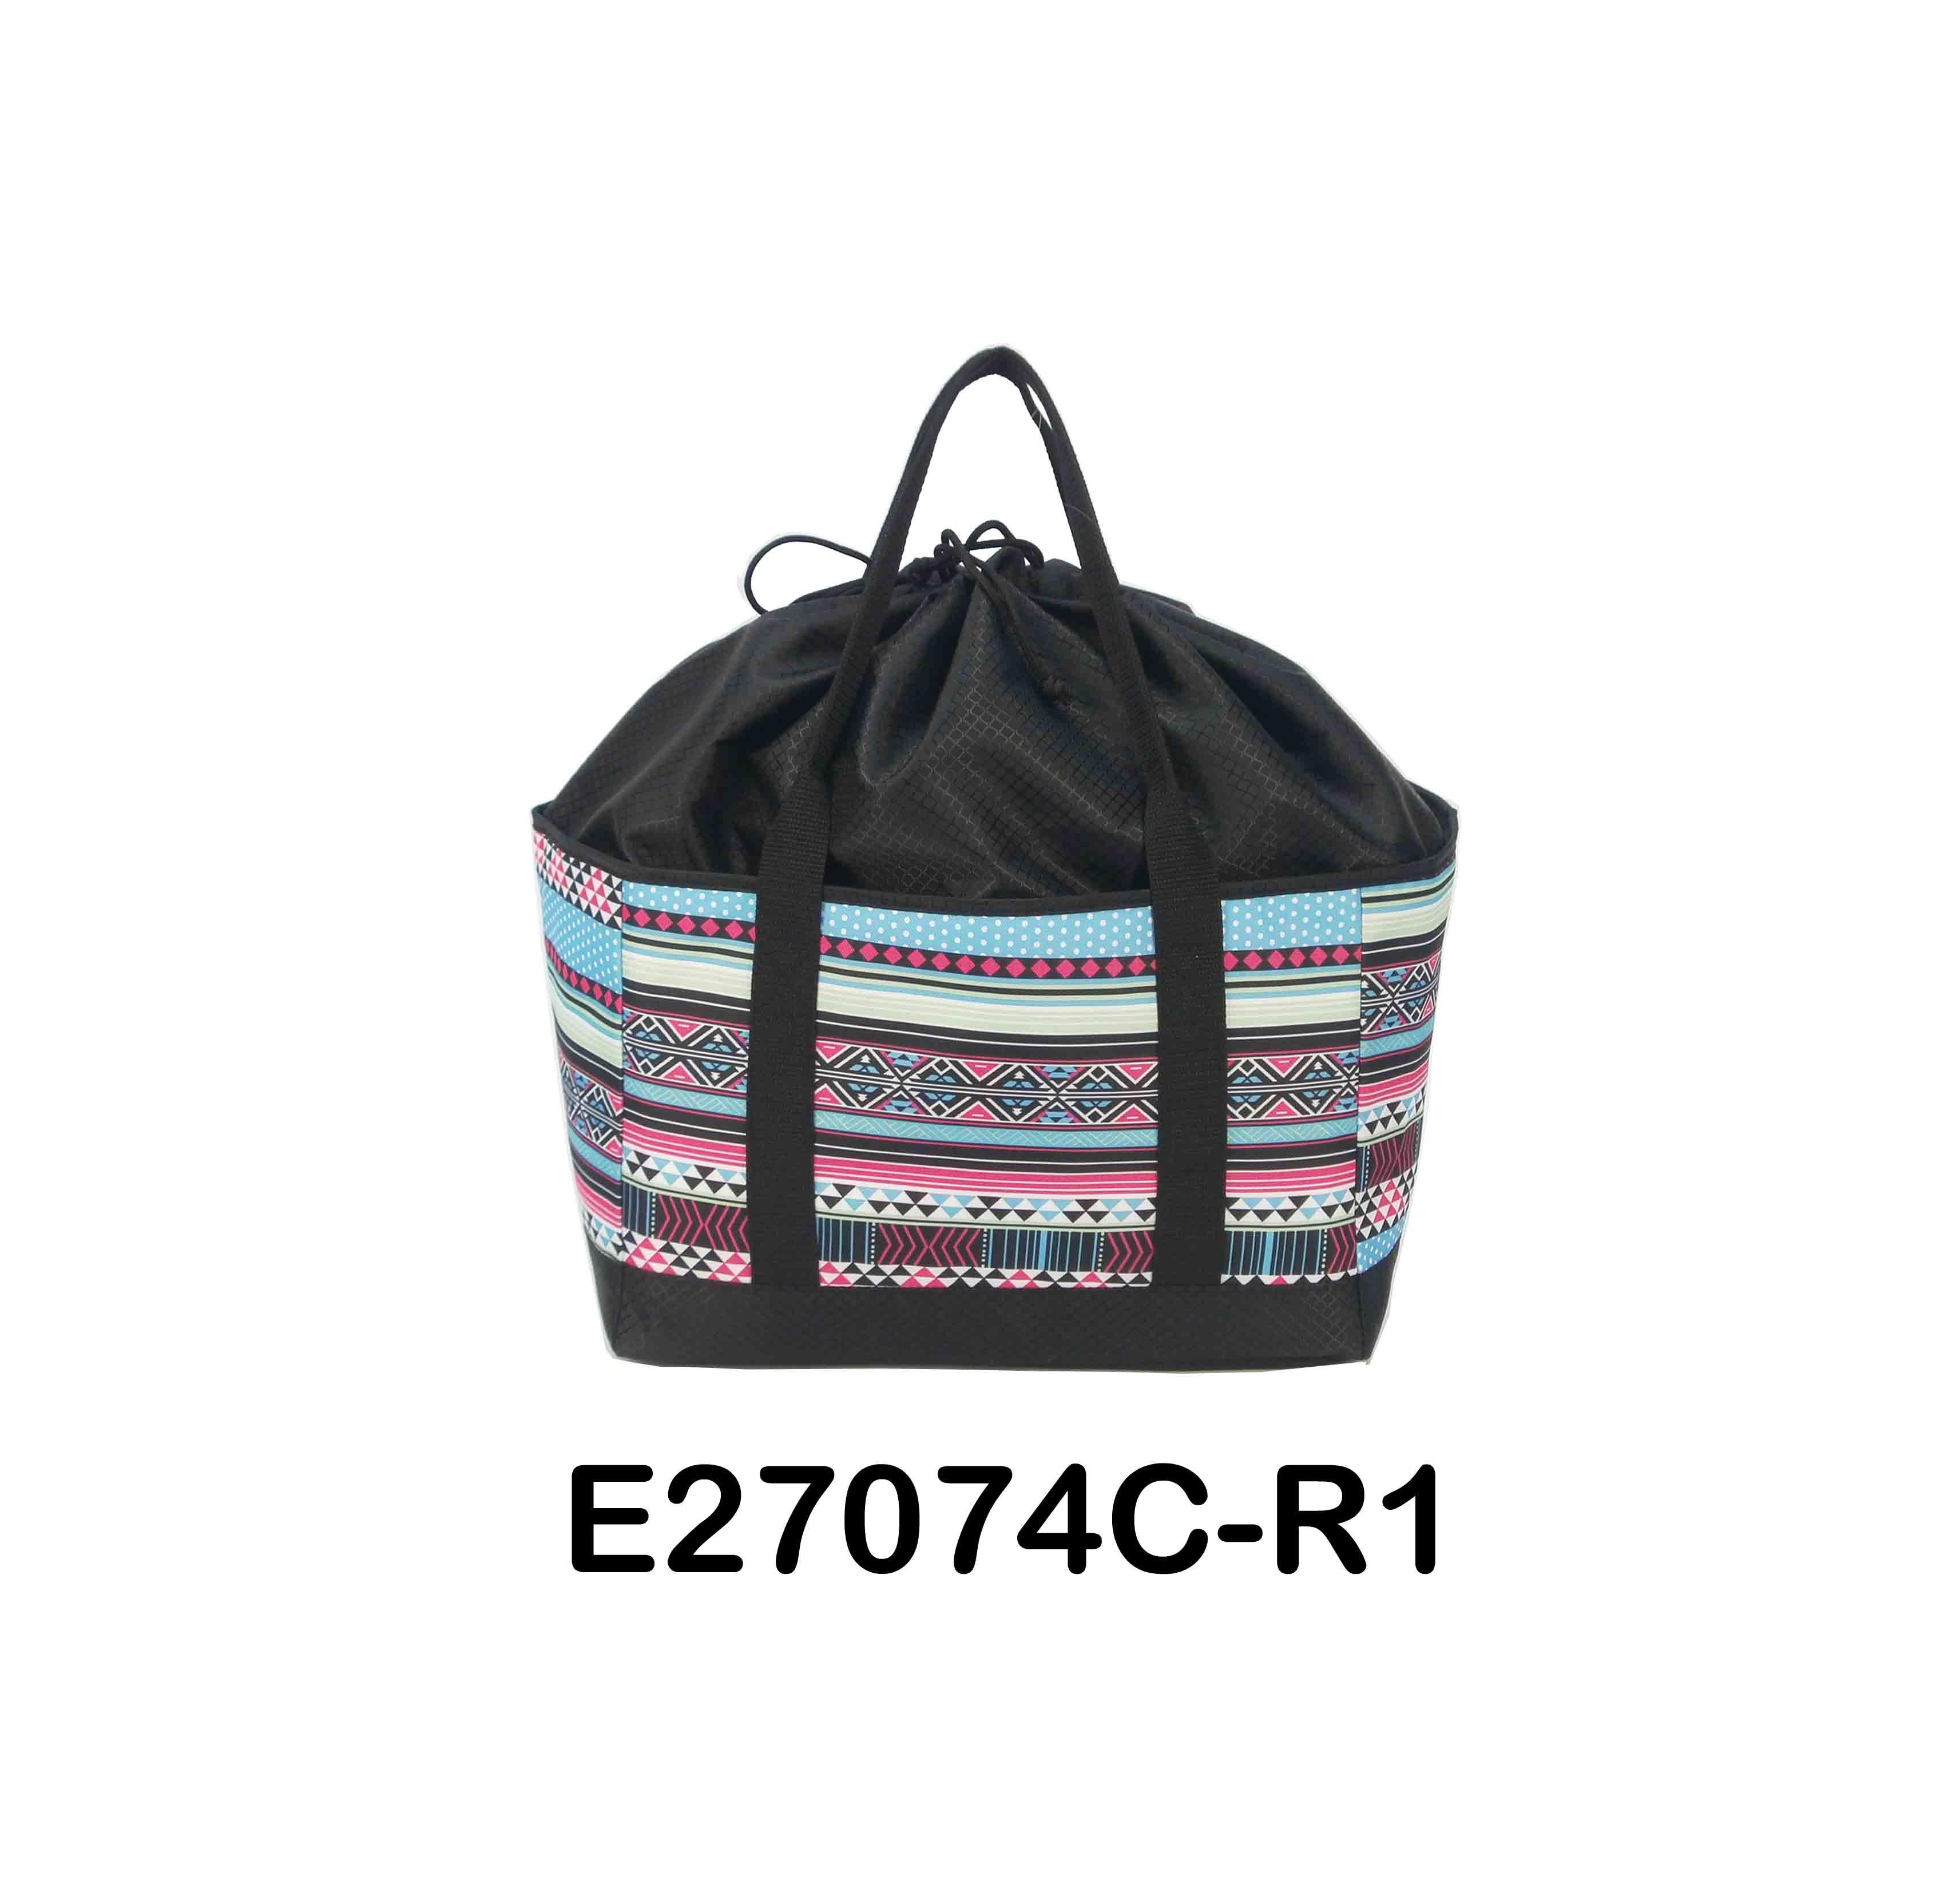 E27074C-R1